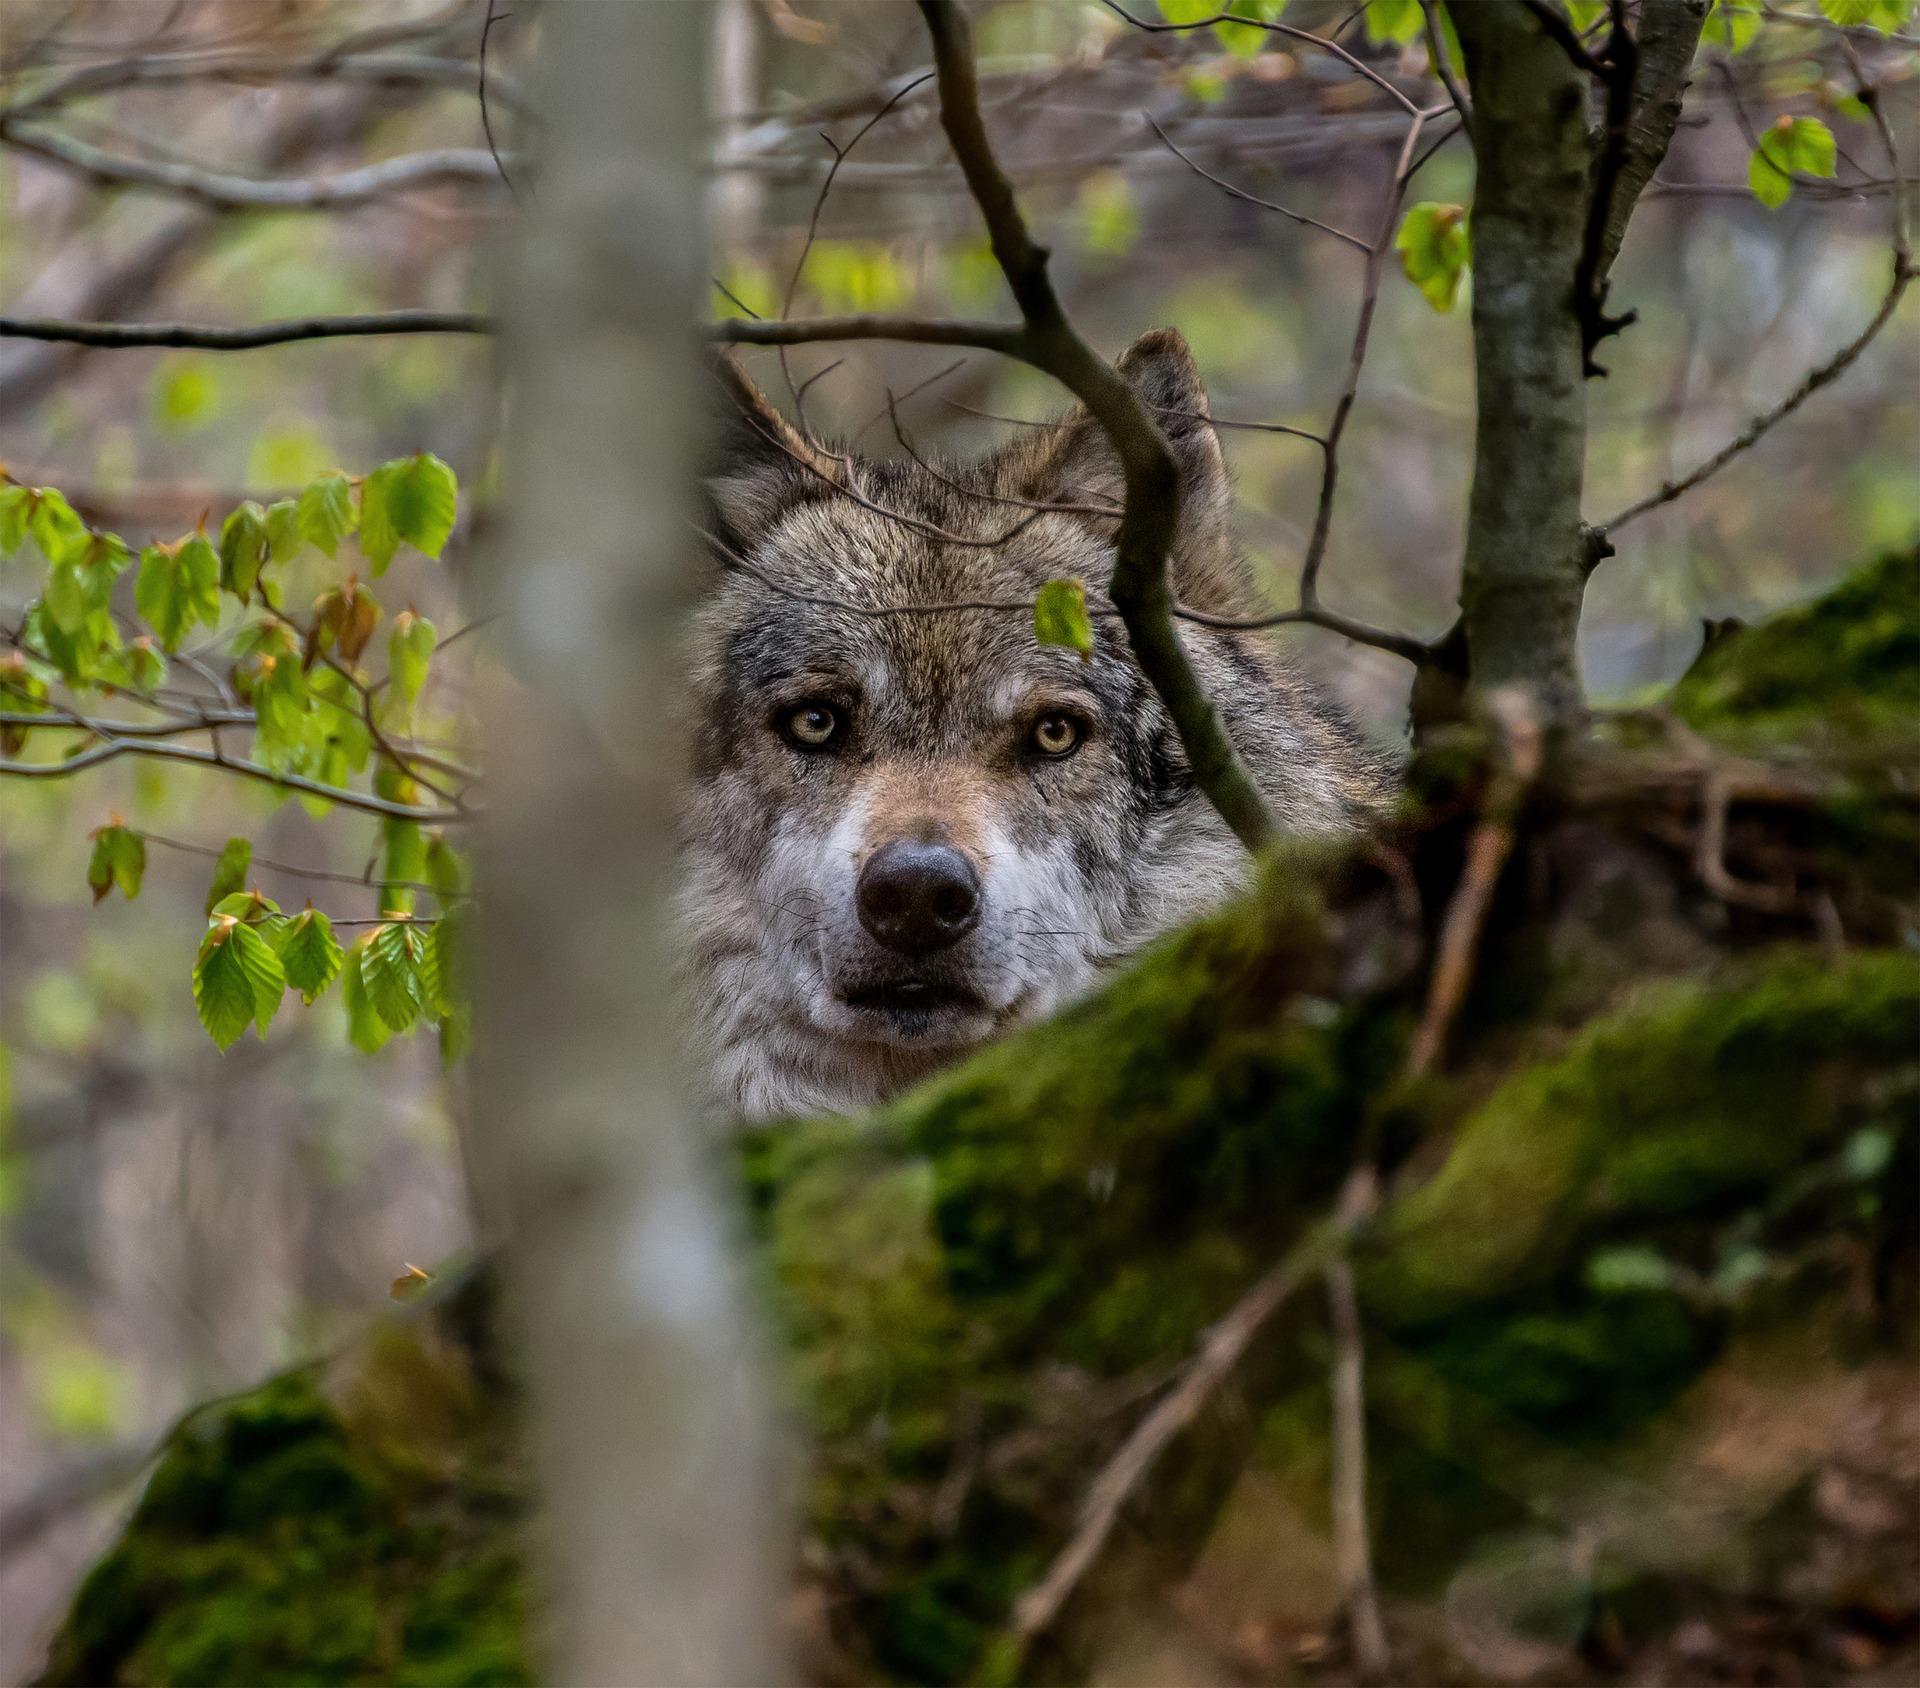 600 wilków, pół tysiąca żubrów i 230 niedźwiedzi. Ile zwierząt kryją podkarpackie lasy? - Zdjęcie główne